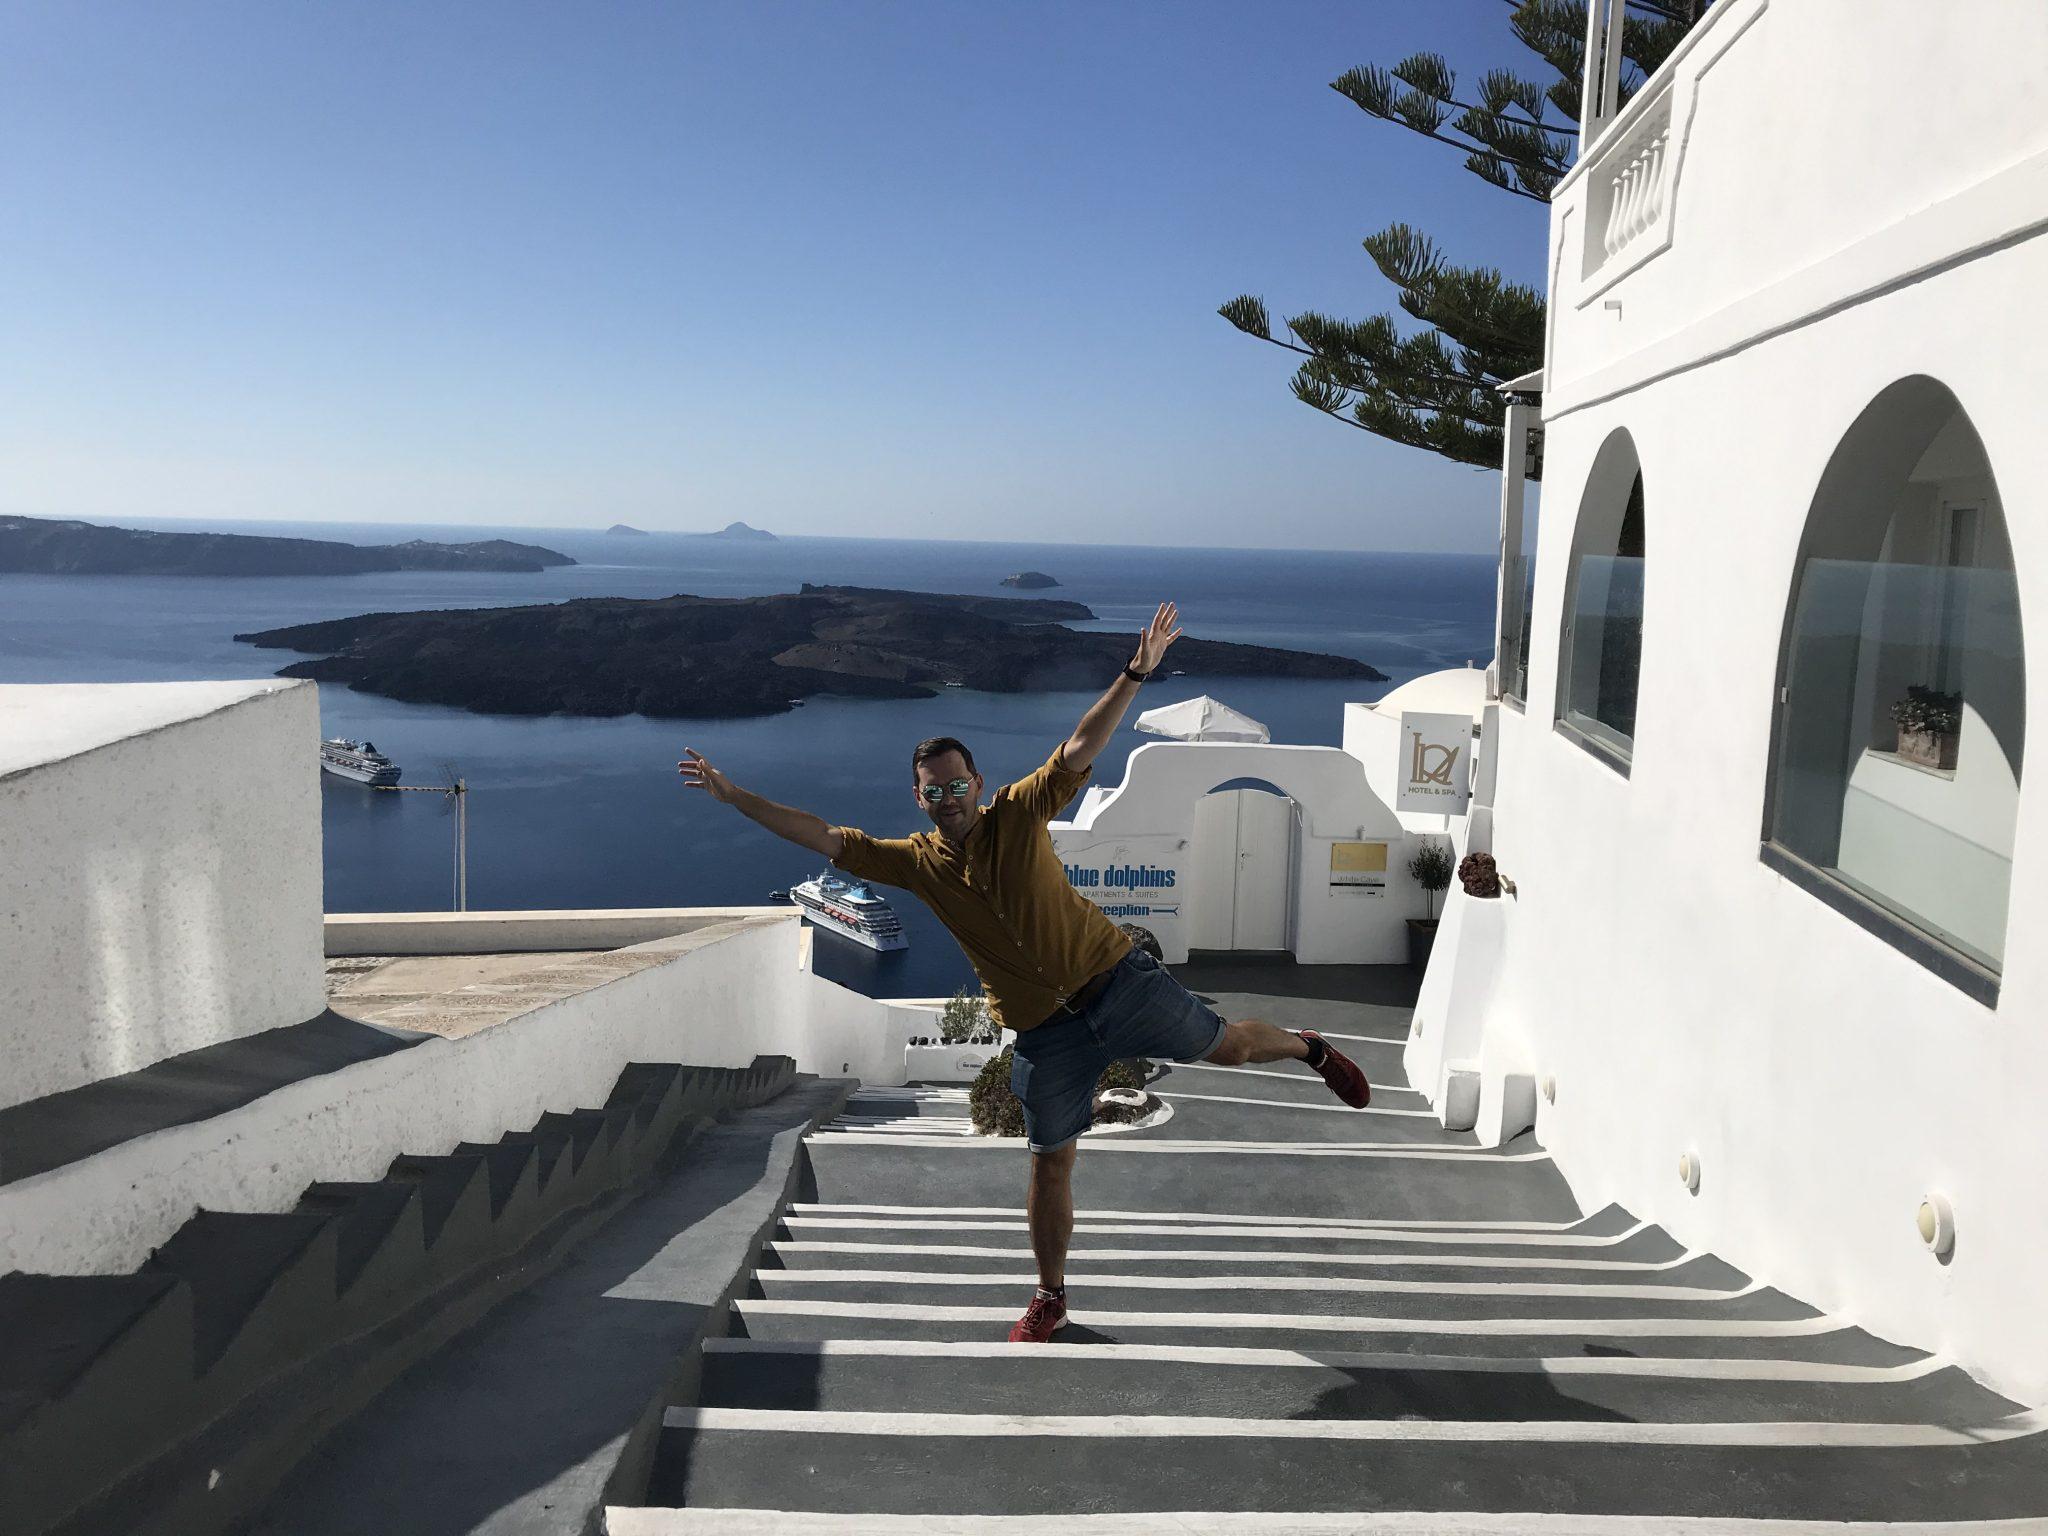 IMG 3177 - Greckie Santorini w listopadzie